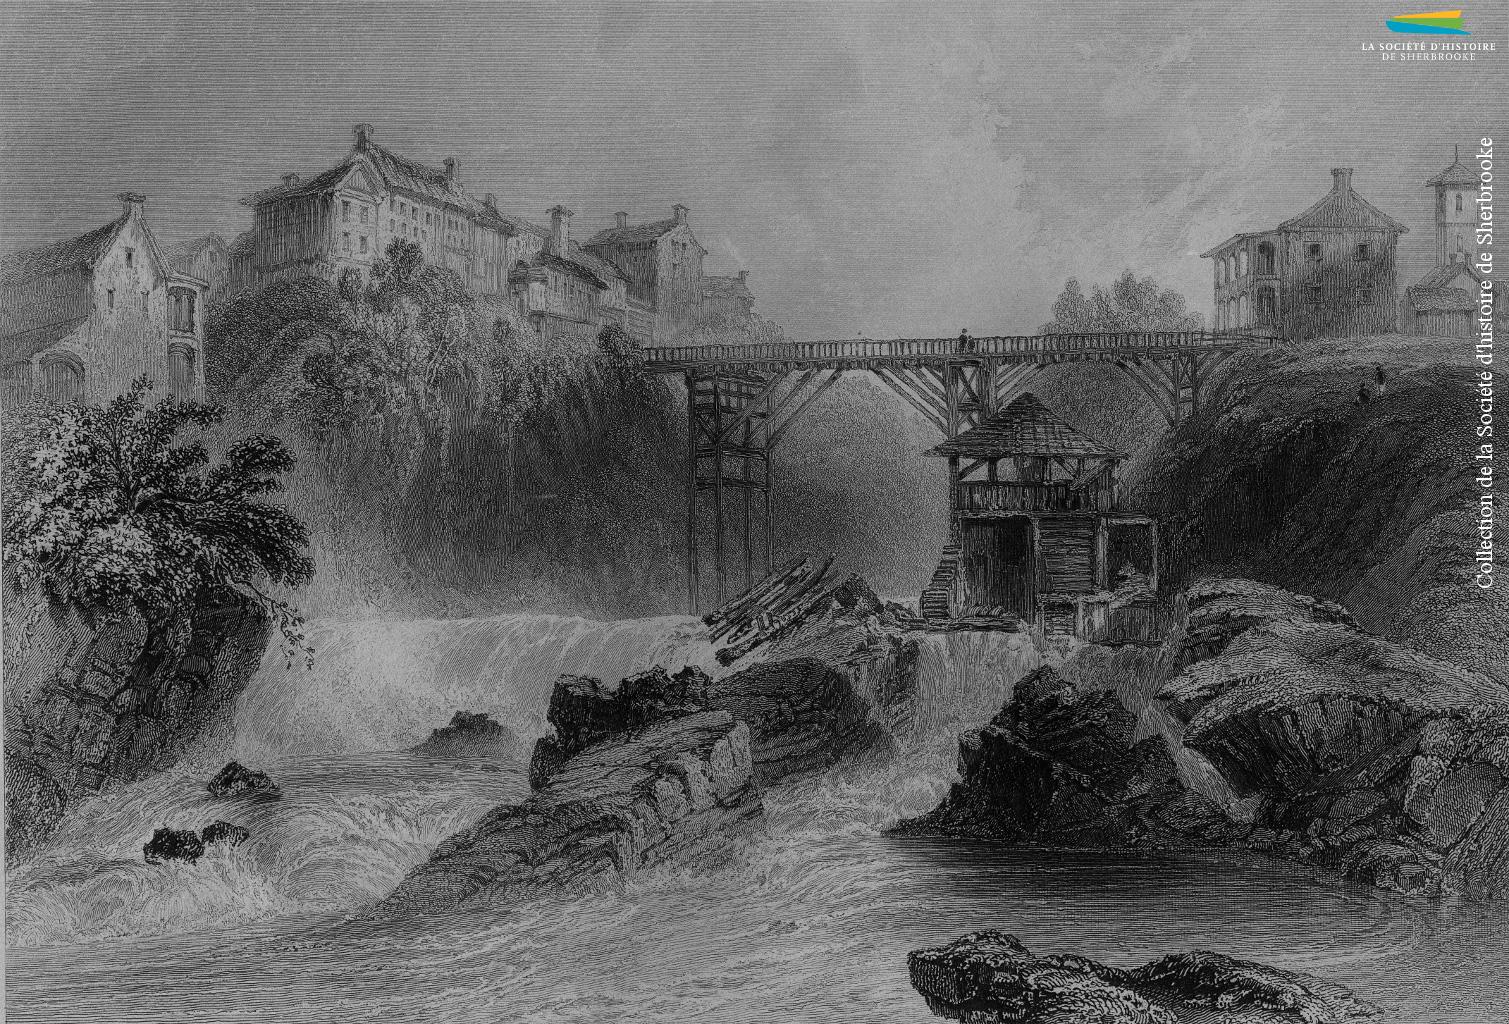 Le pont de la rue Dufferin, vu depuis le confluent des rivières Magog et Saint-François, représenté par W.H. Bartlett vers 1840. Sherbrooke en est au début de son développement industriel, mais attire déjà certains ouvriers d'origine britannique dans ses quelques moulins et fabriques.